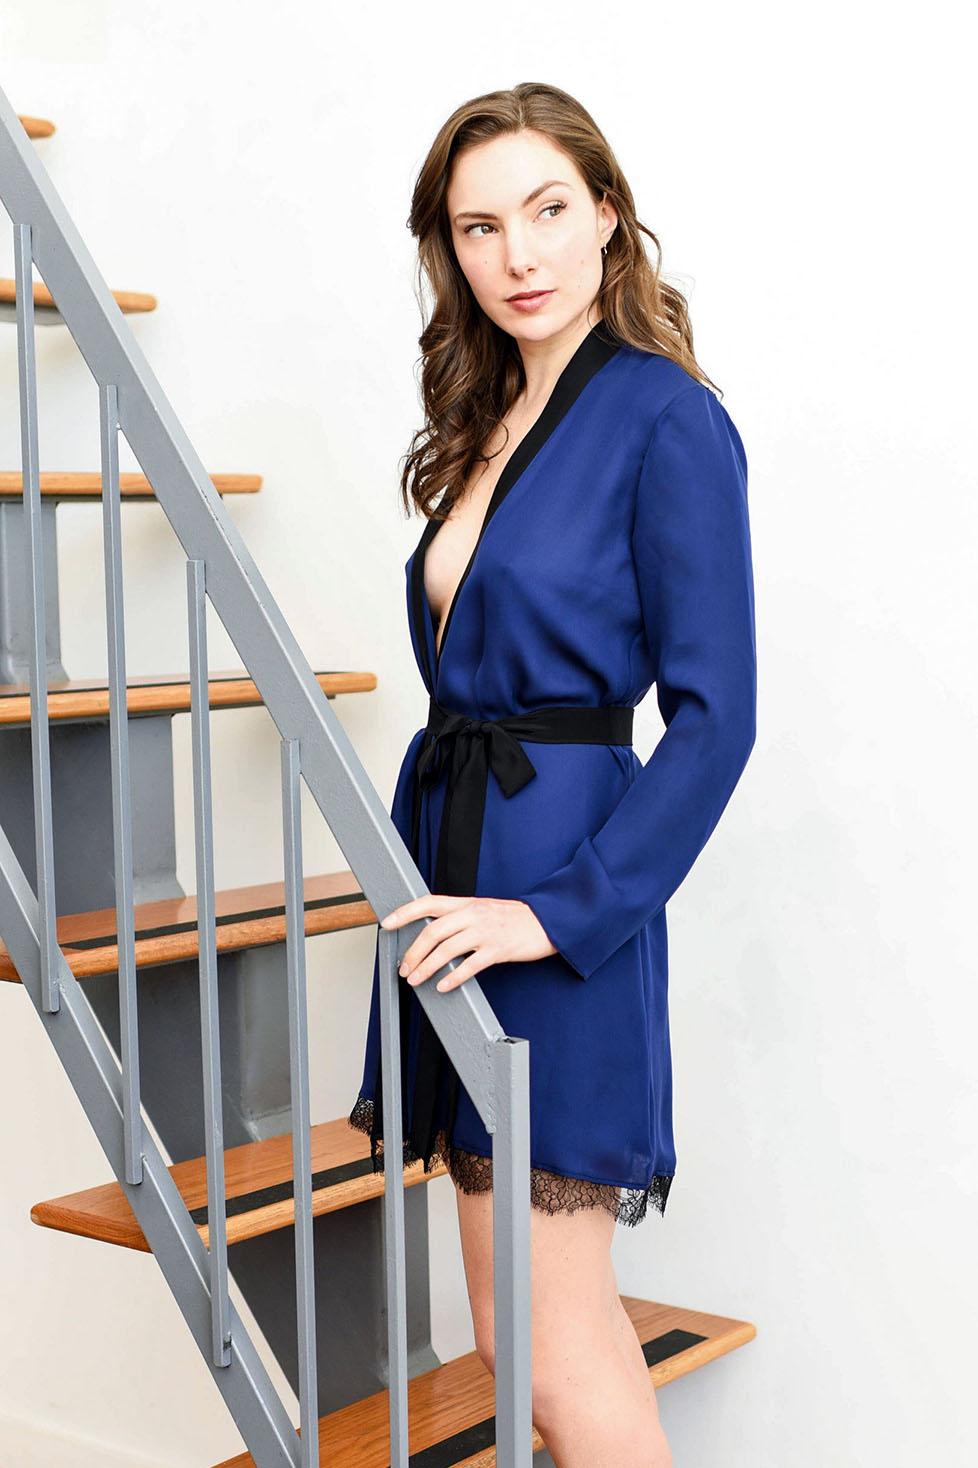 Iris robe1.jpg